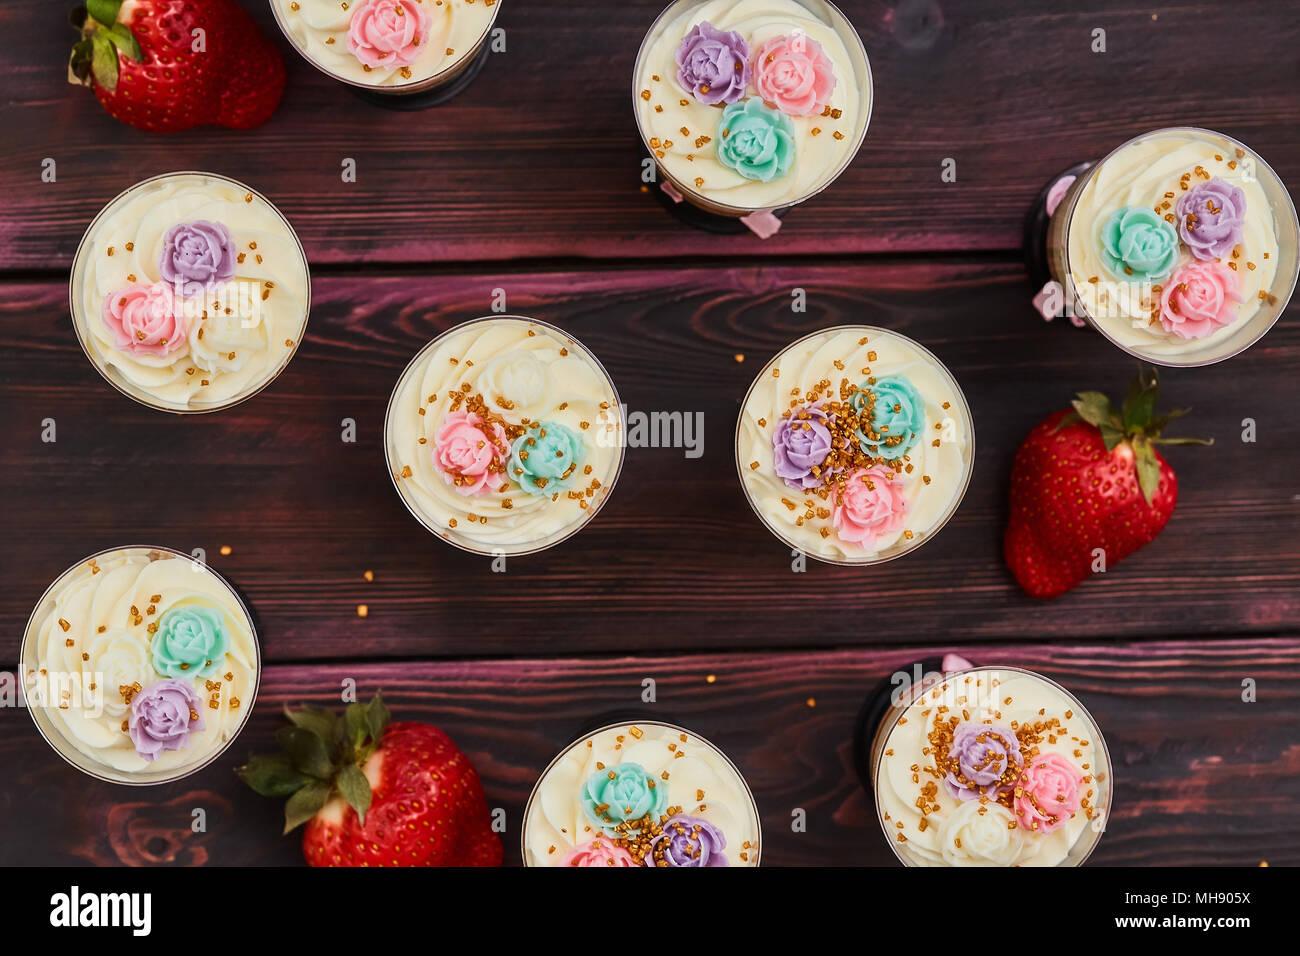 Torta con fragole servite in scatti di vetro, sullo sfondo di legno Immagini Stock